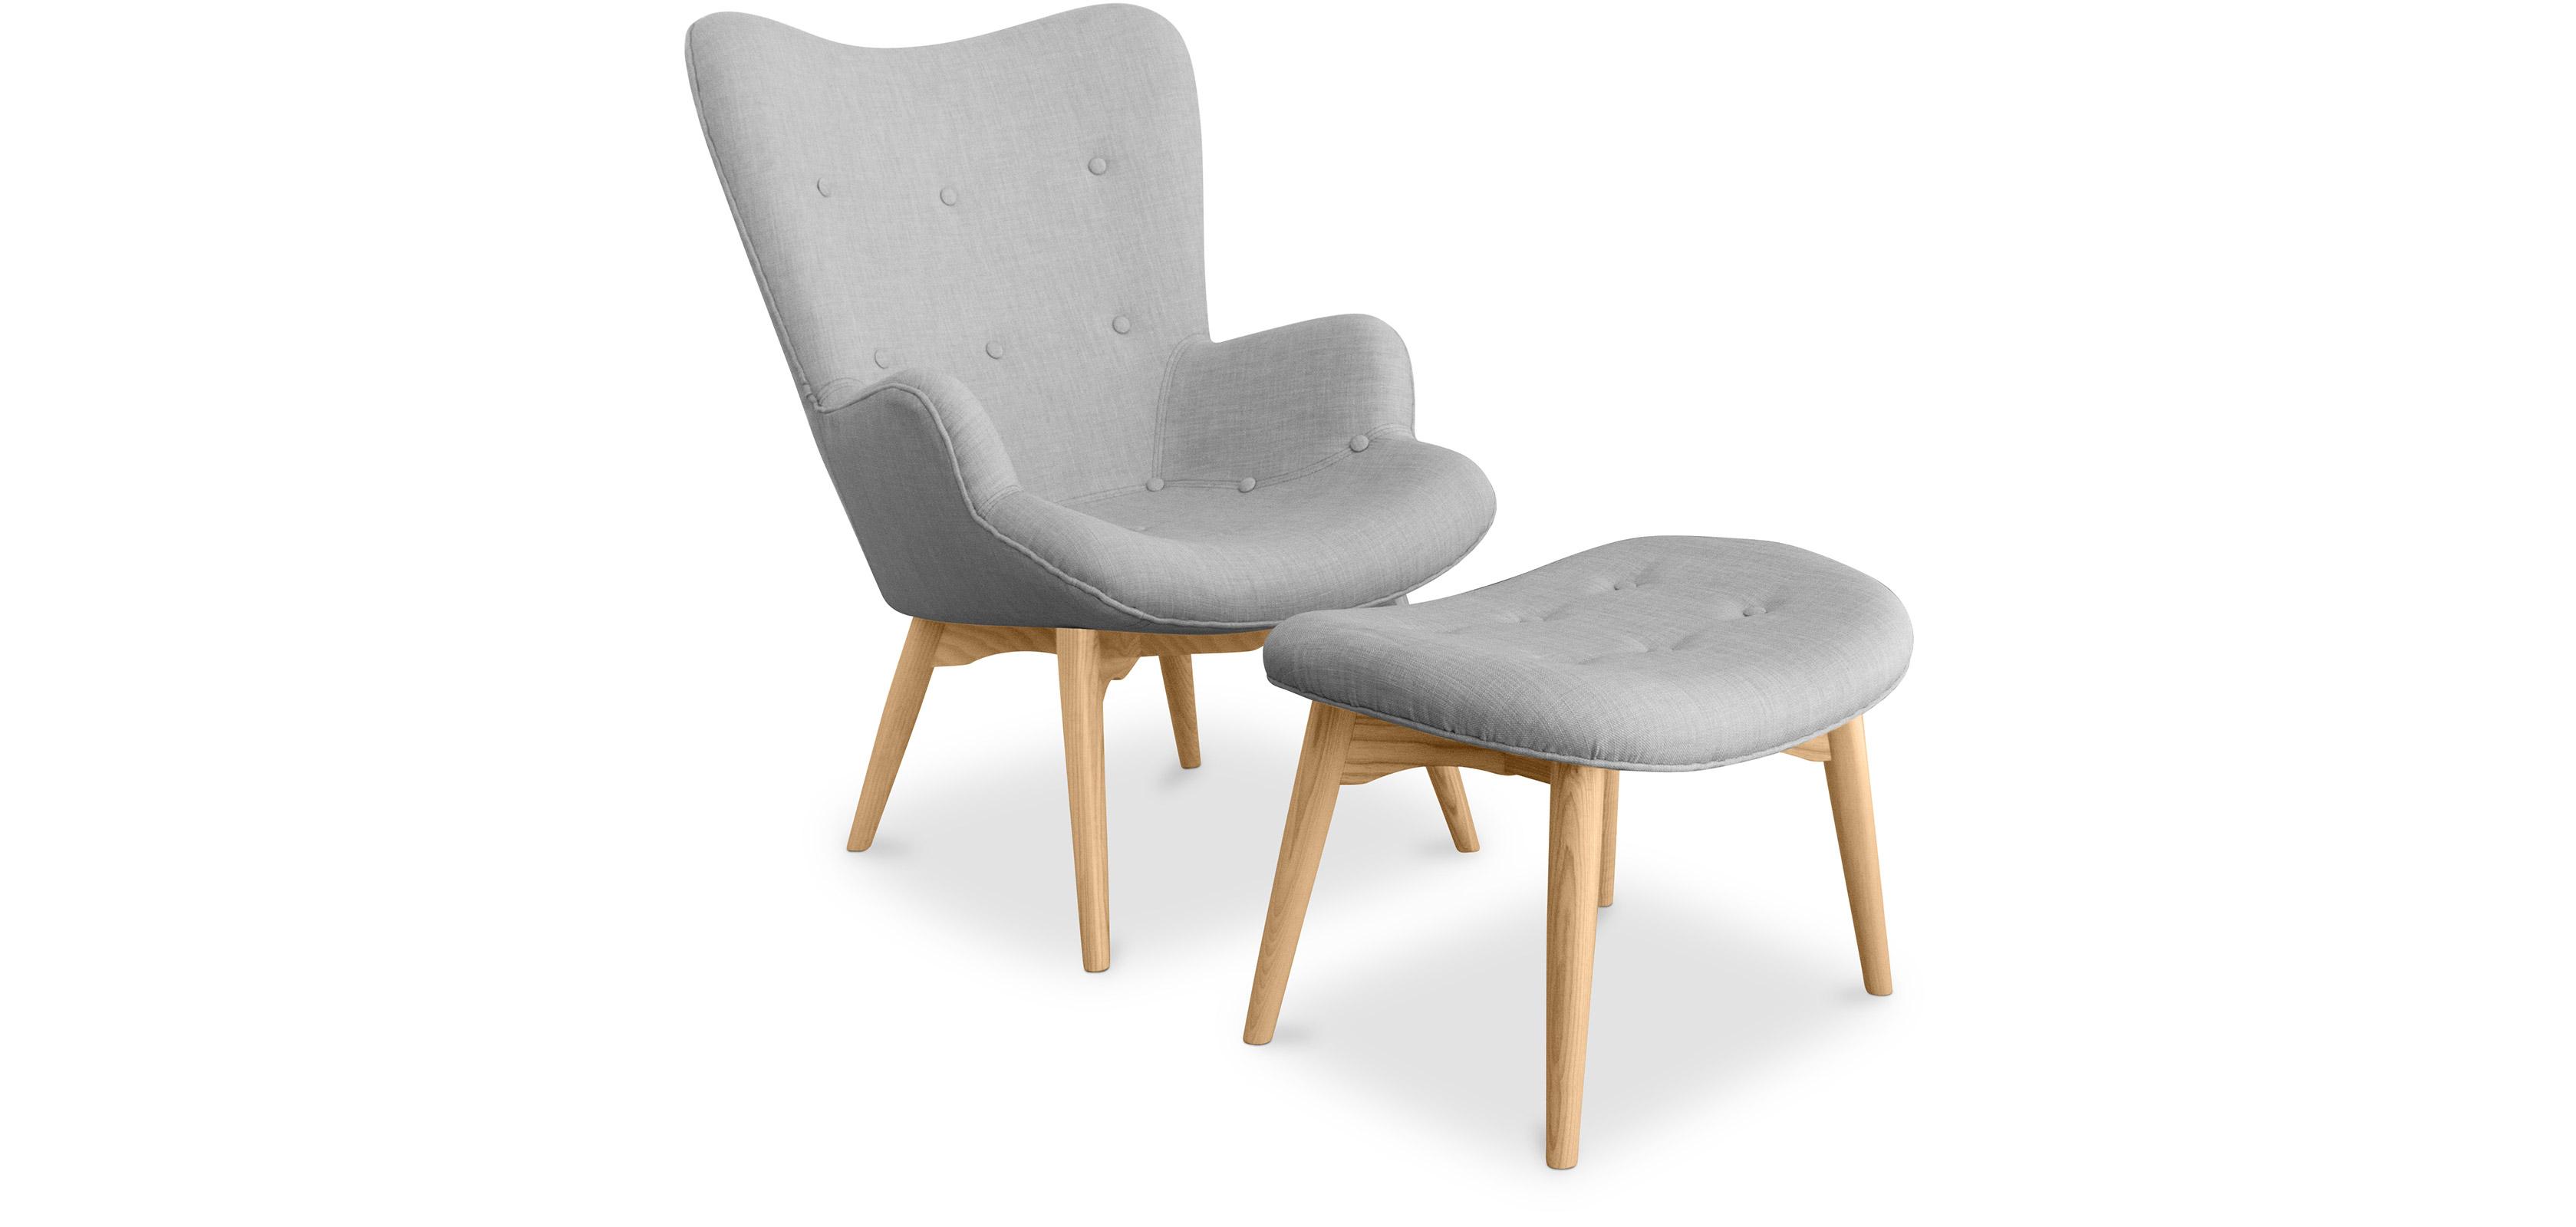 Kontor sessel und fu bank skandinavisches design - Sessel skandinavisches design ...